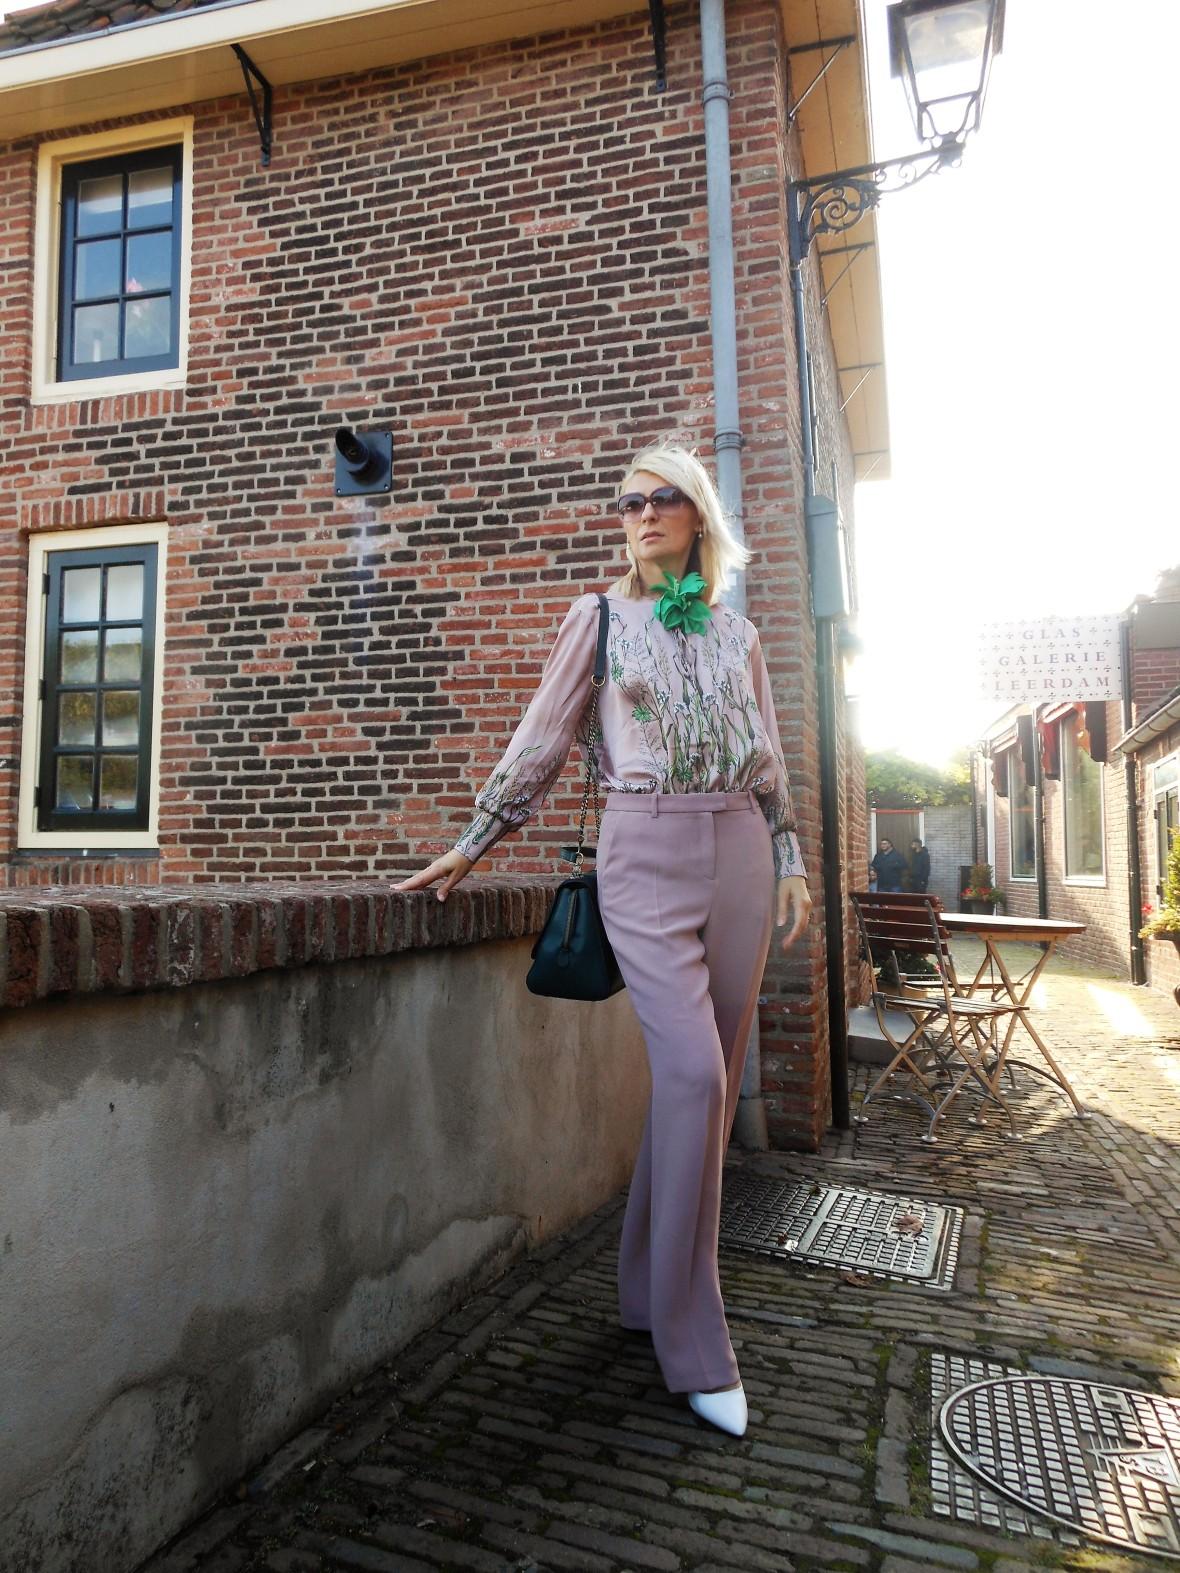 Carmen de Jong - Chasing the White Rabbit style blog